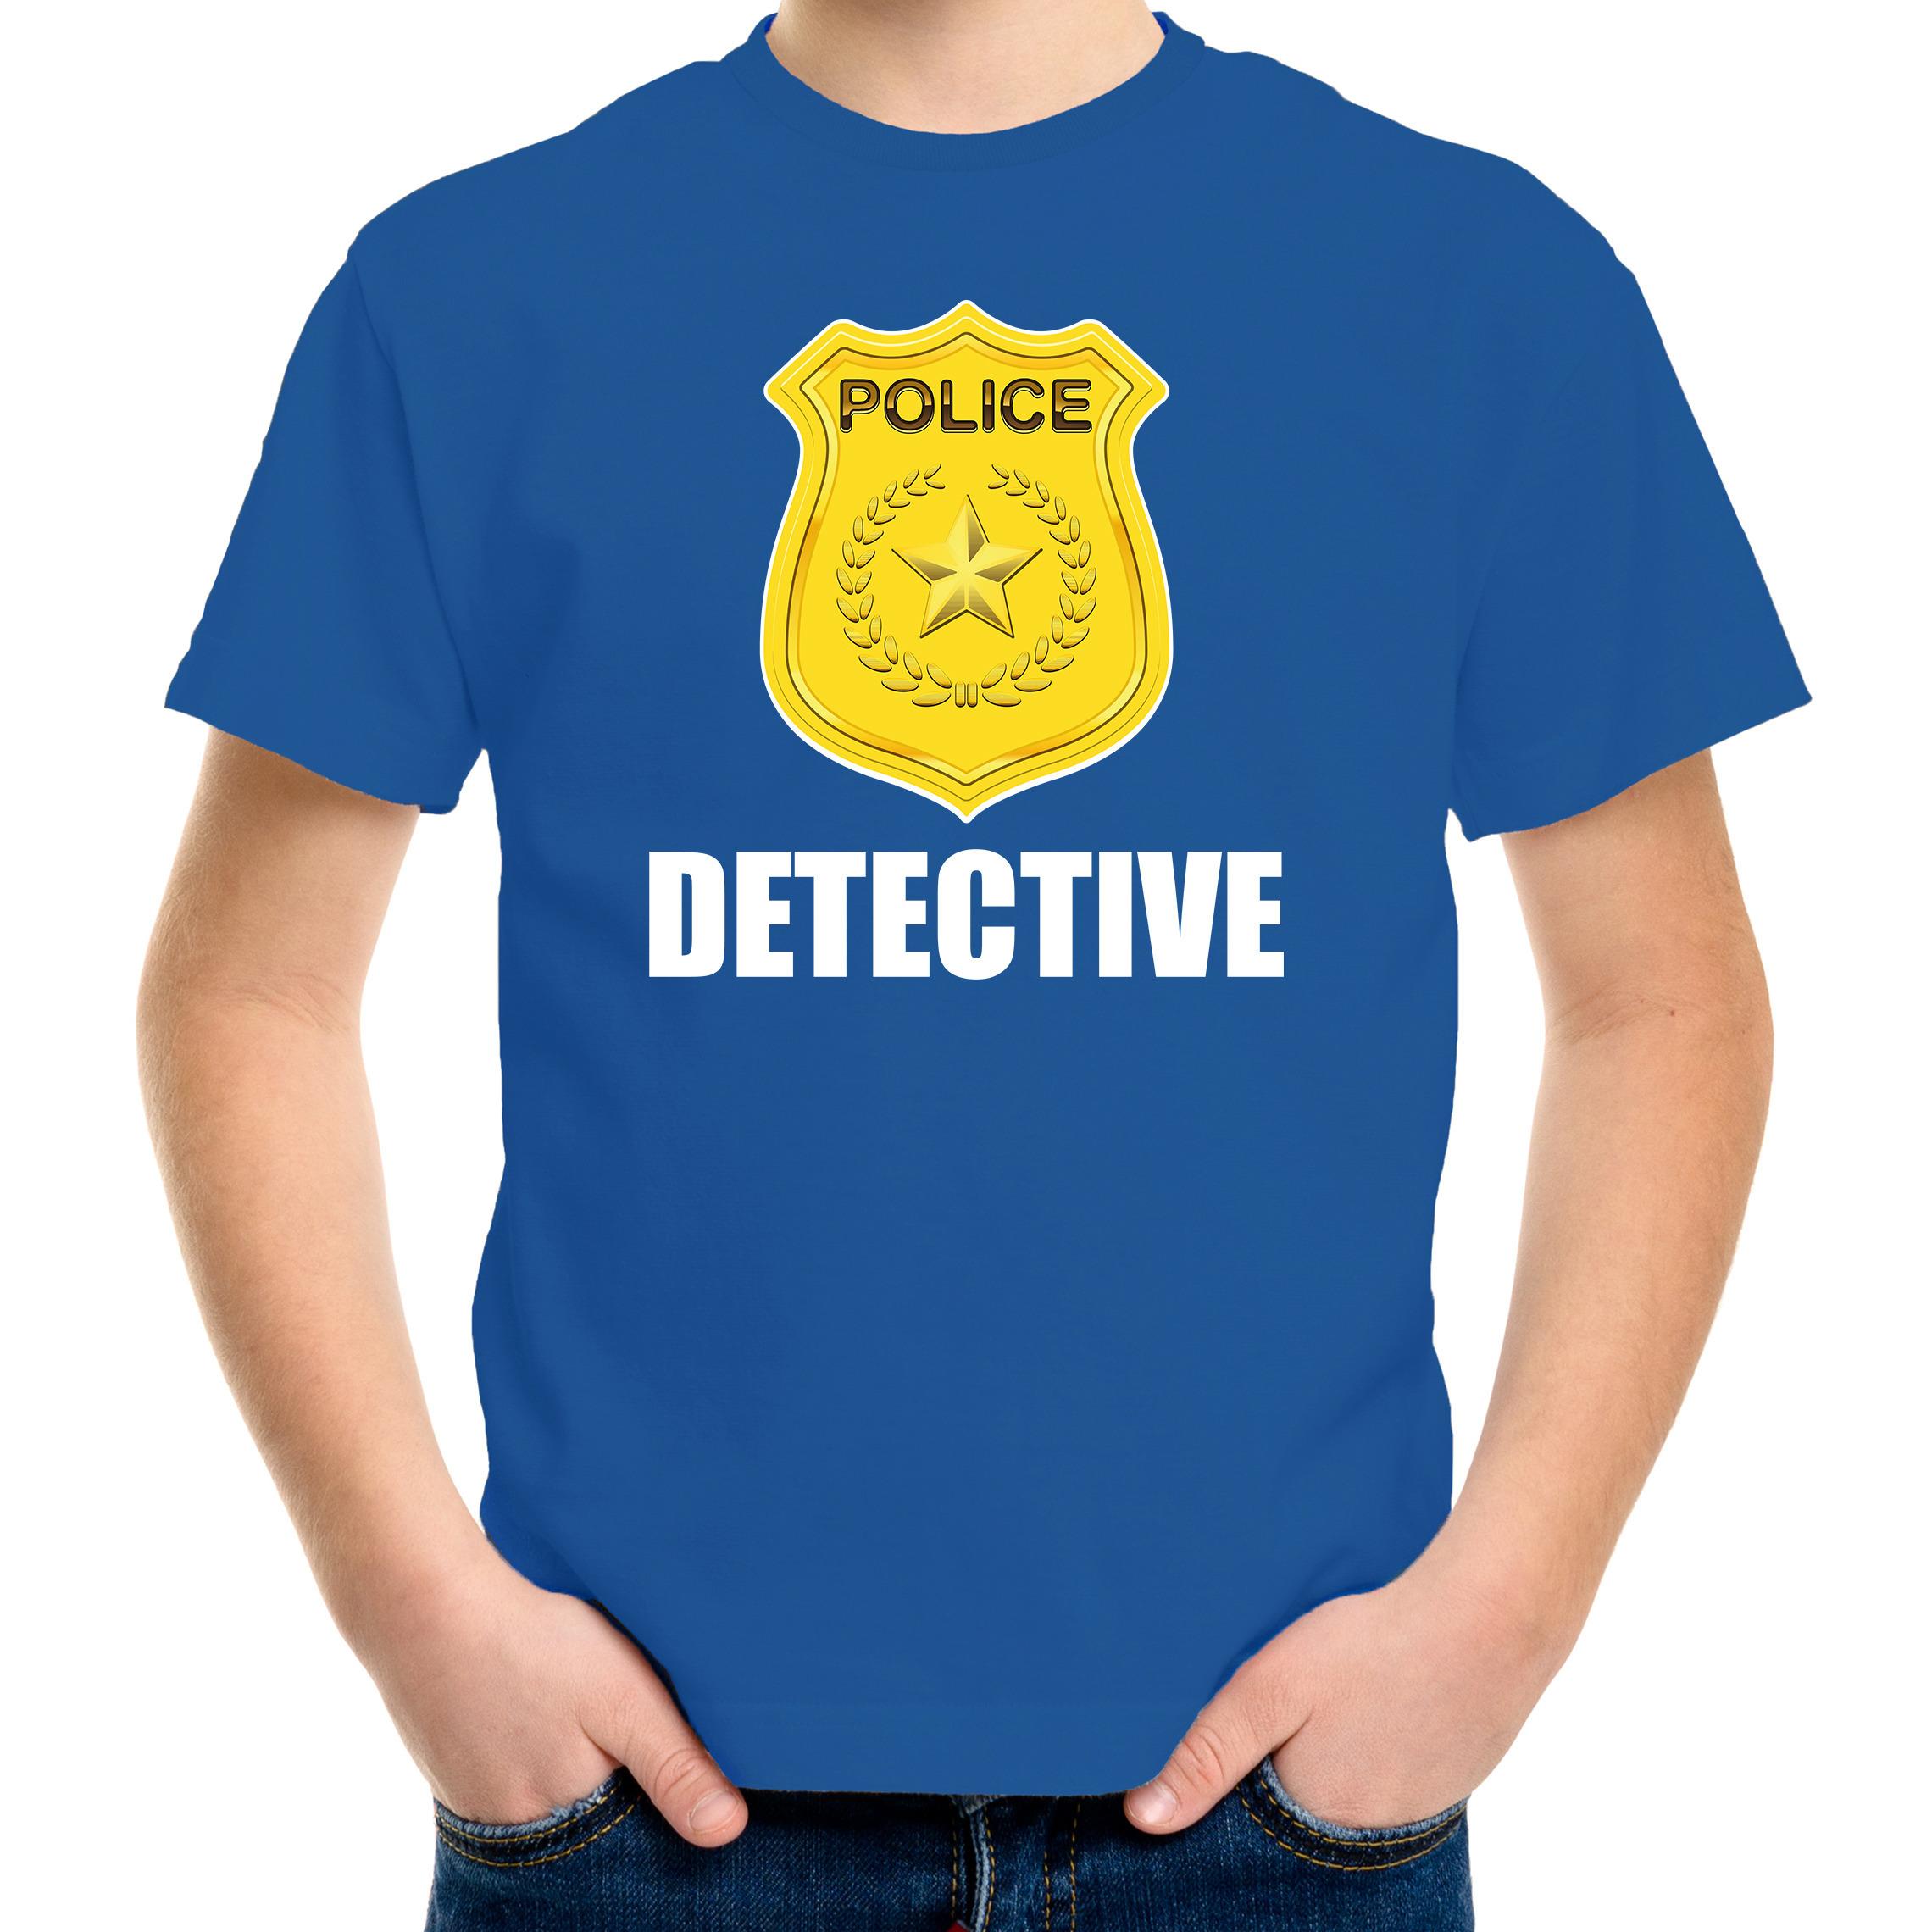 Detective police - politie embleem t-shirt blauw voor kinderen